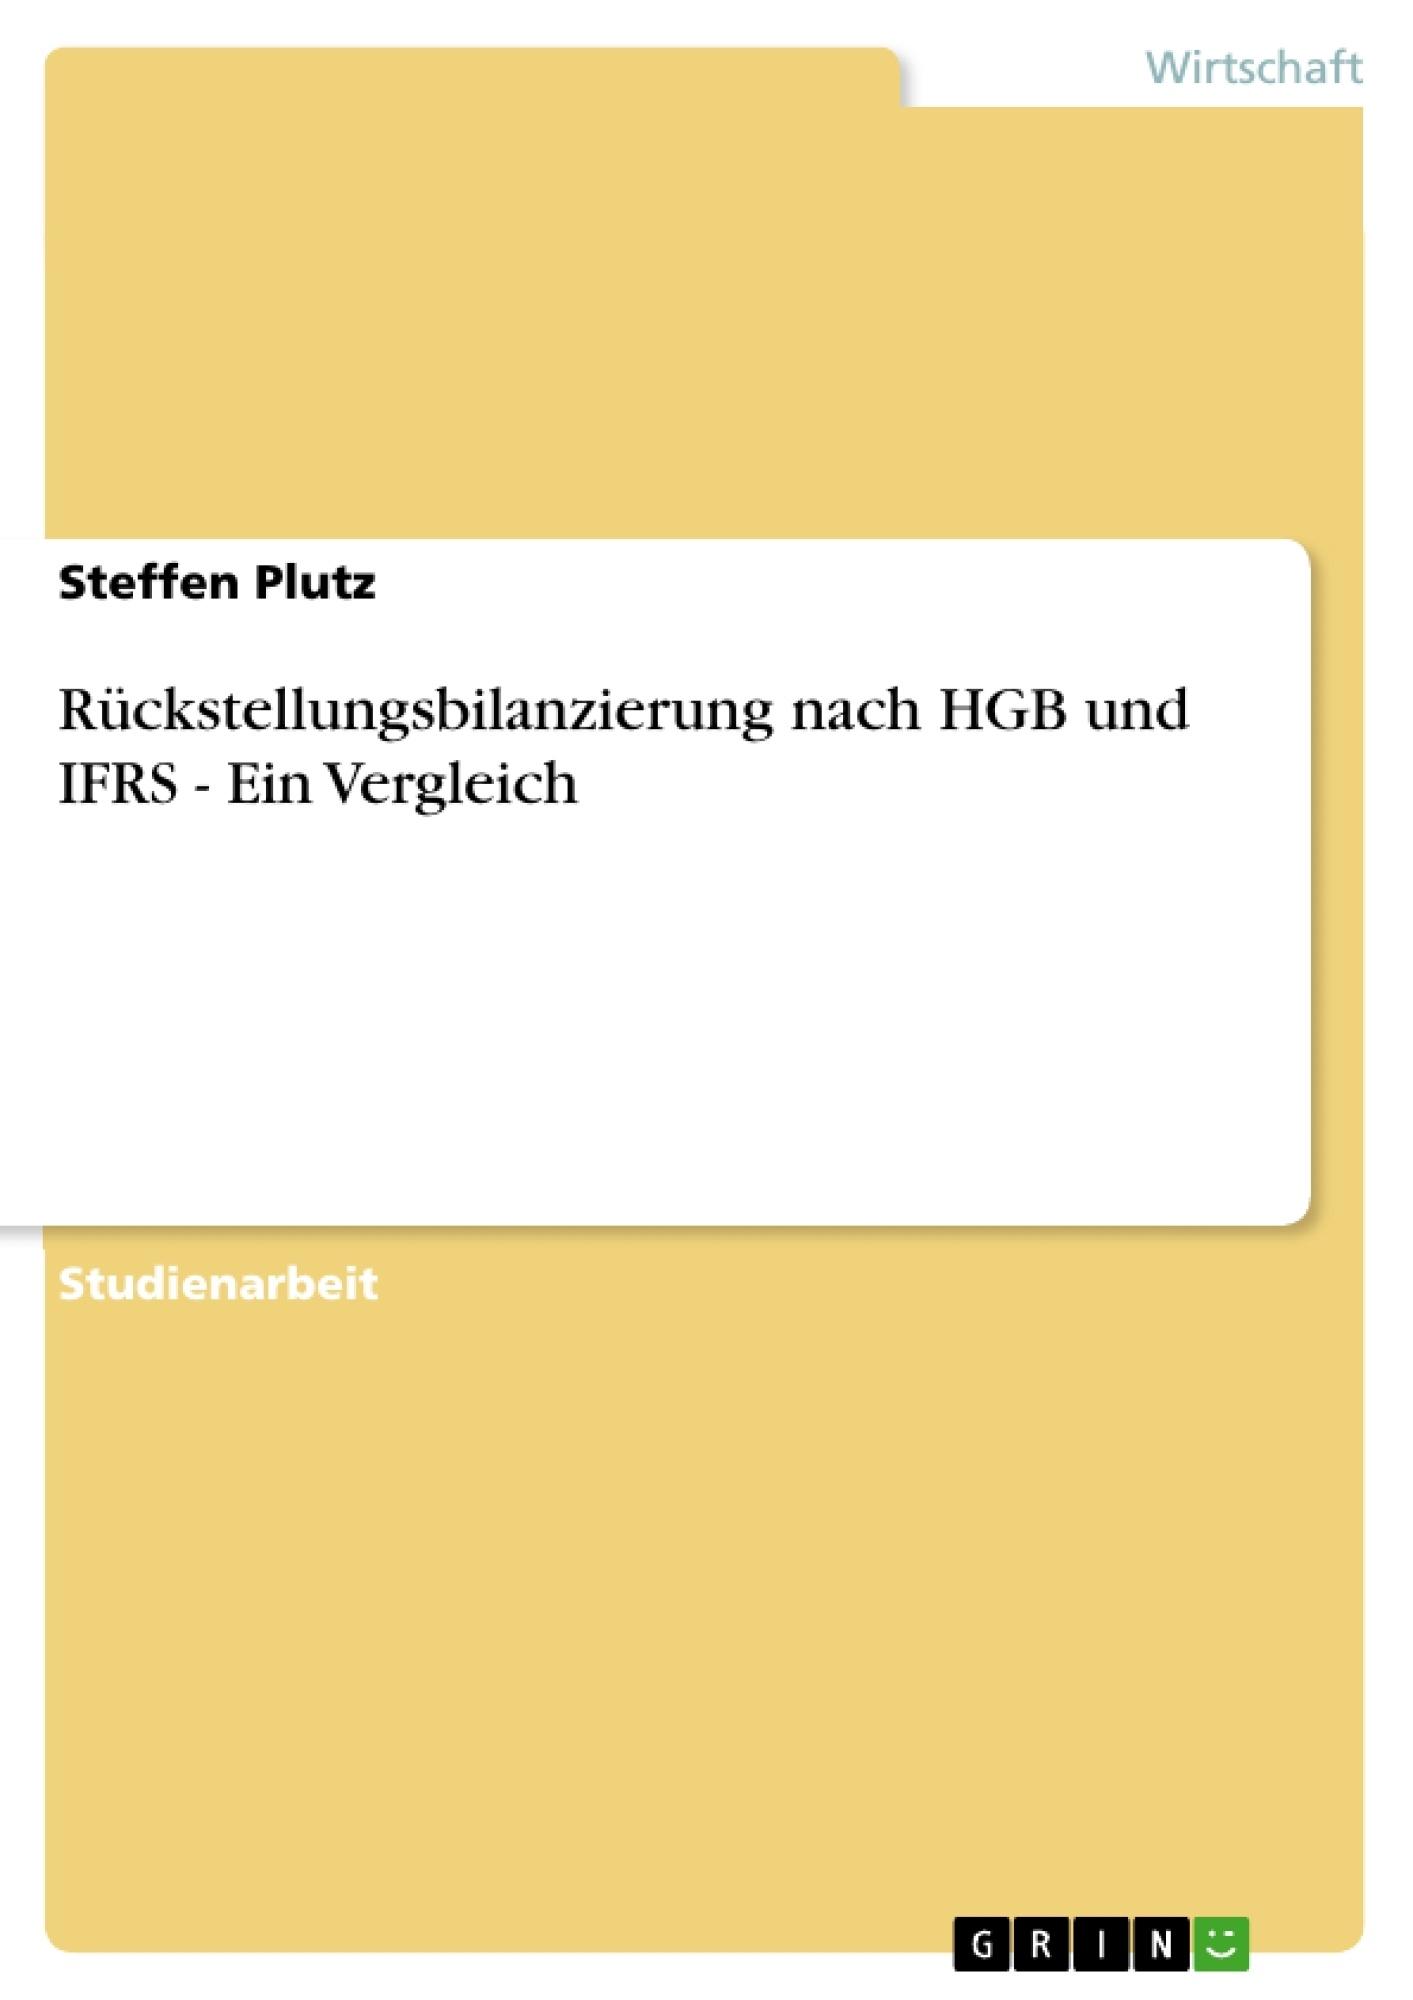 Titel: Rückstellungsbilanzierung nach HGB und IFRS - Ein Vergleich